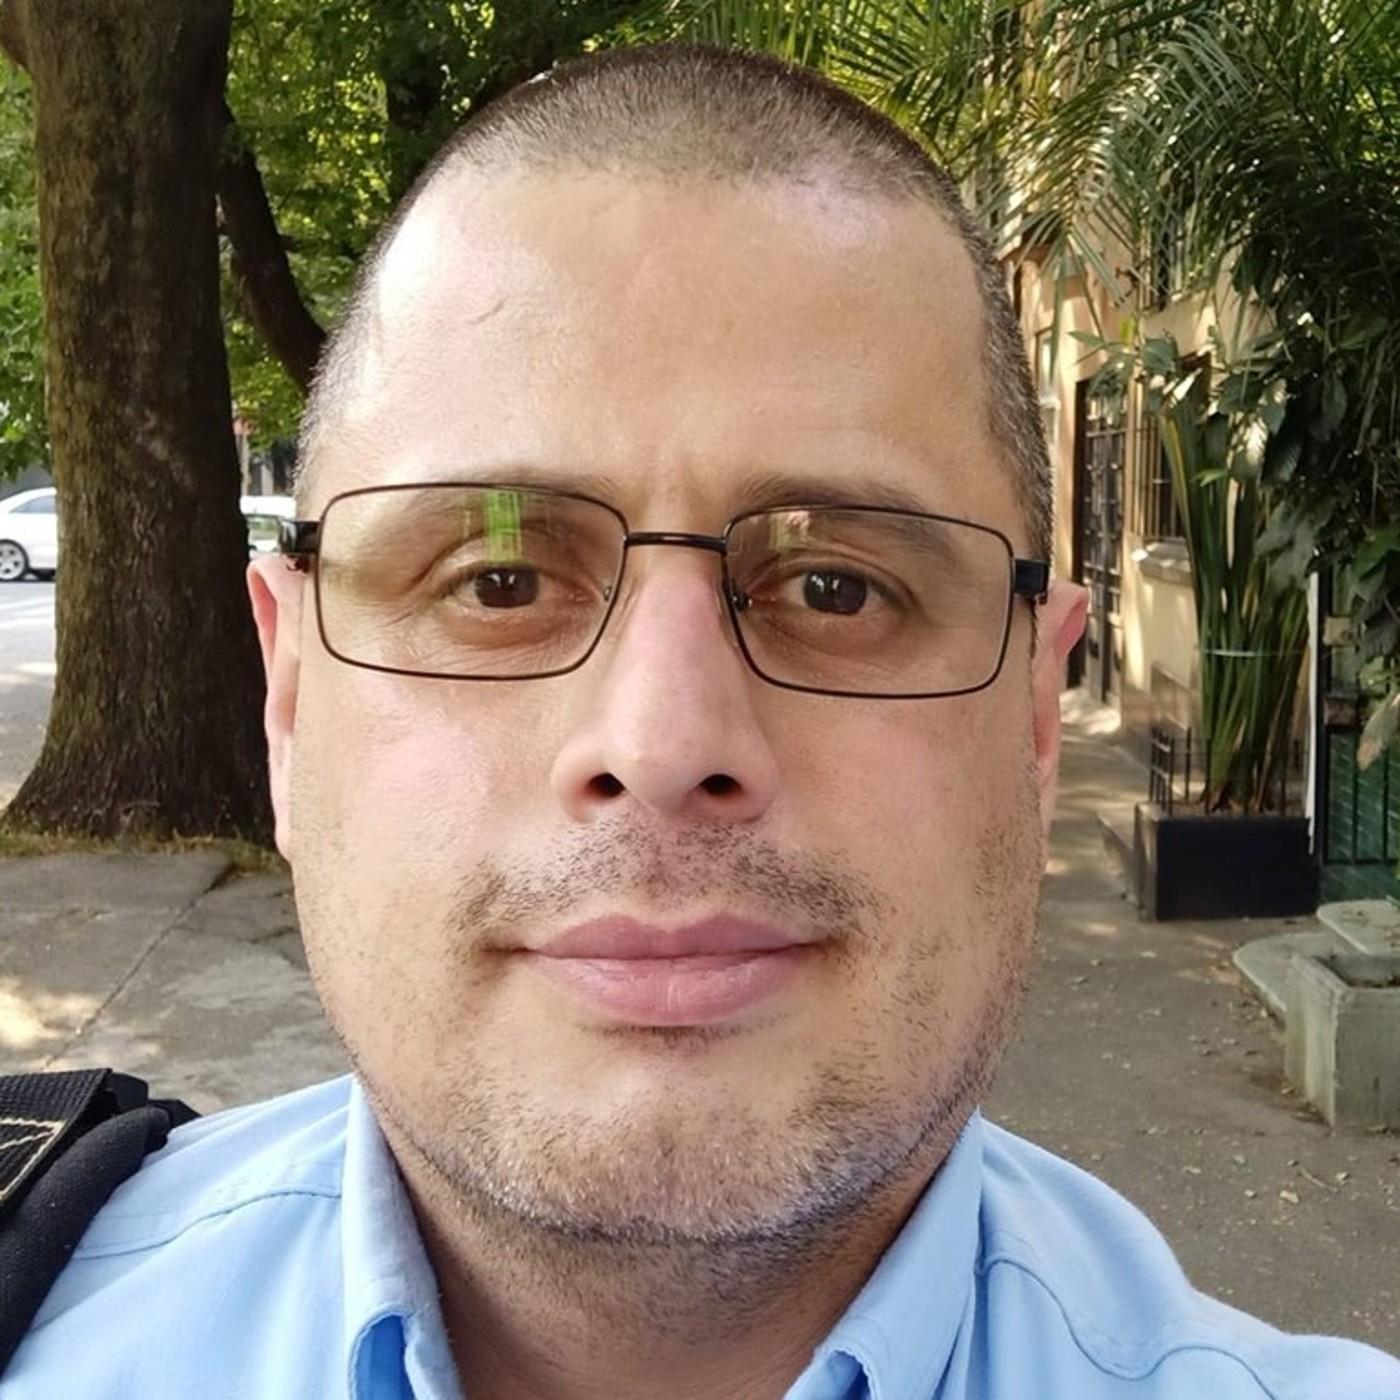 CARLOS OVIDIO